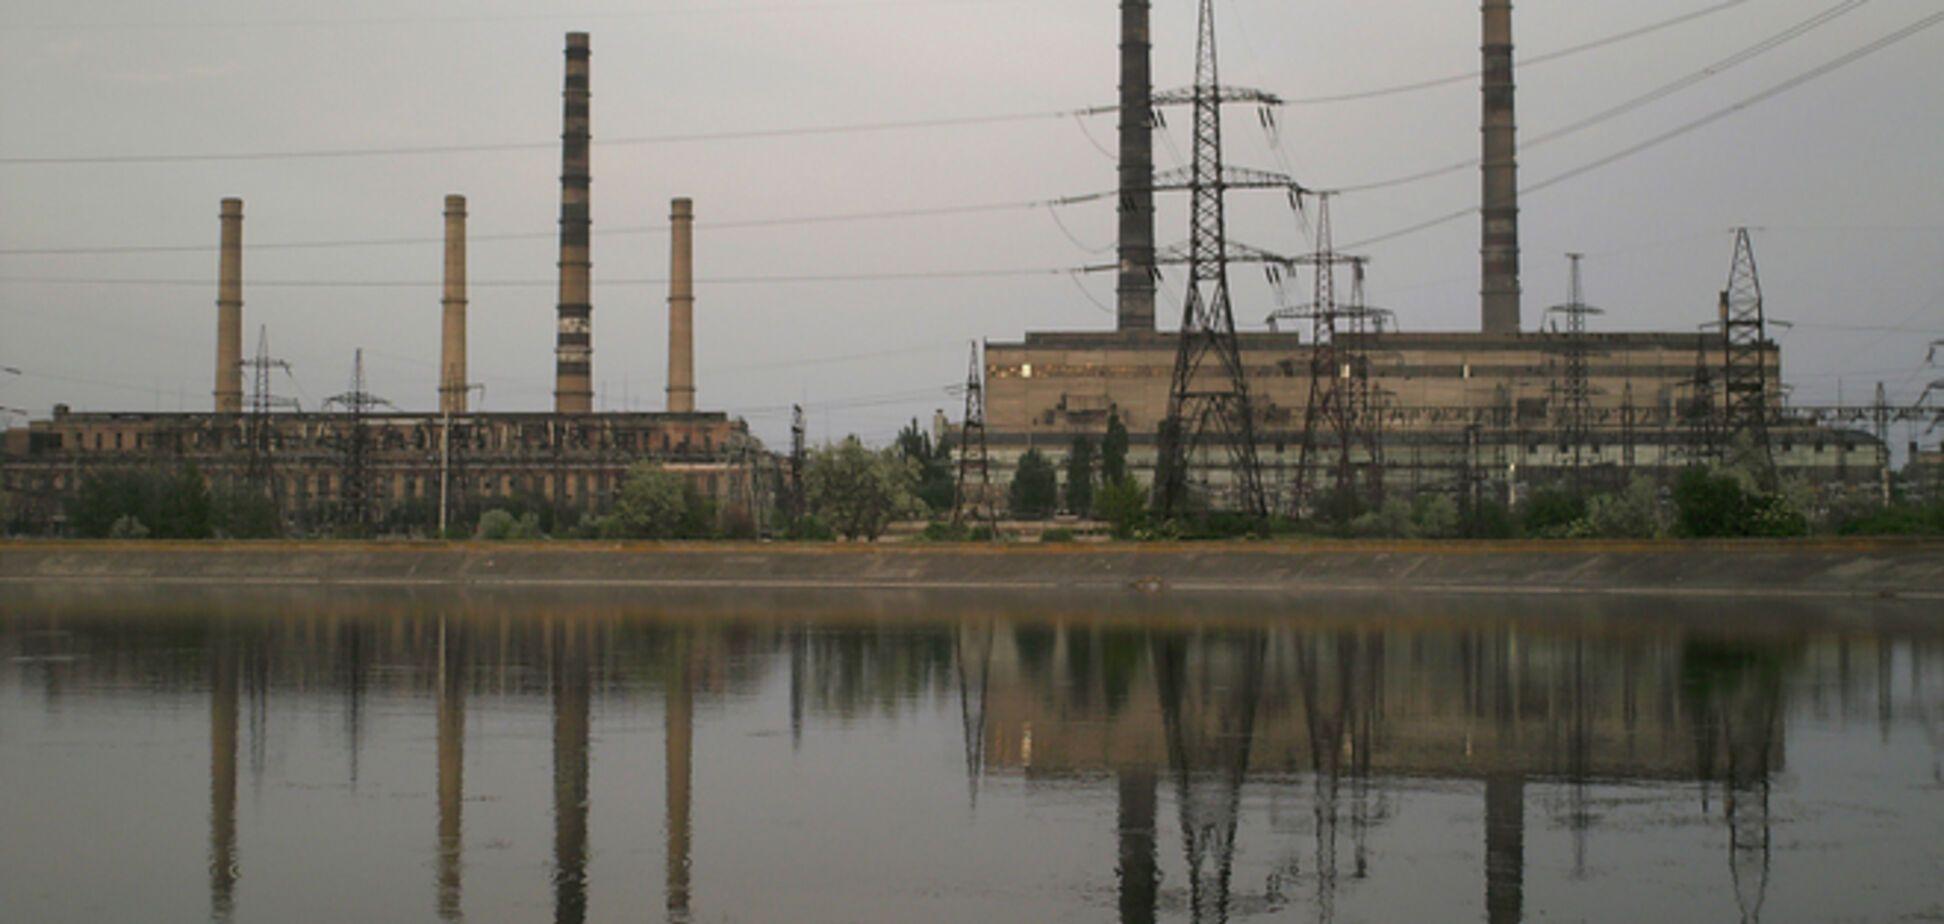 Мироновскую ТЭС останавливают из-за боевых действий